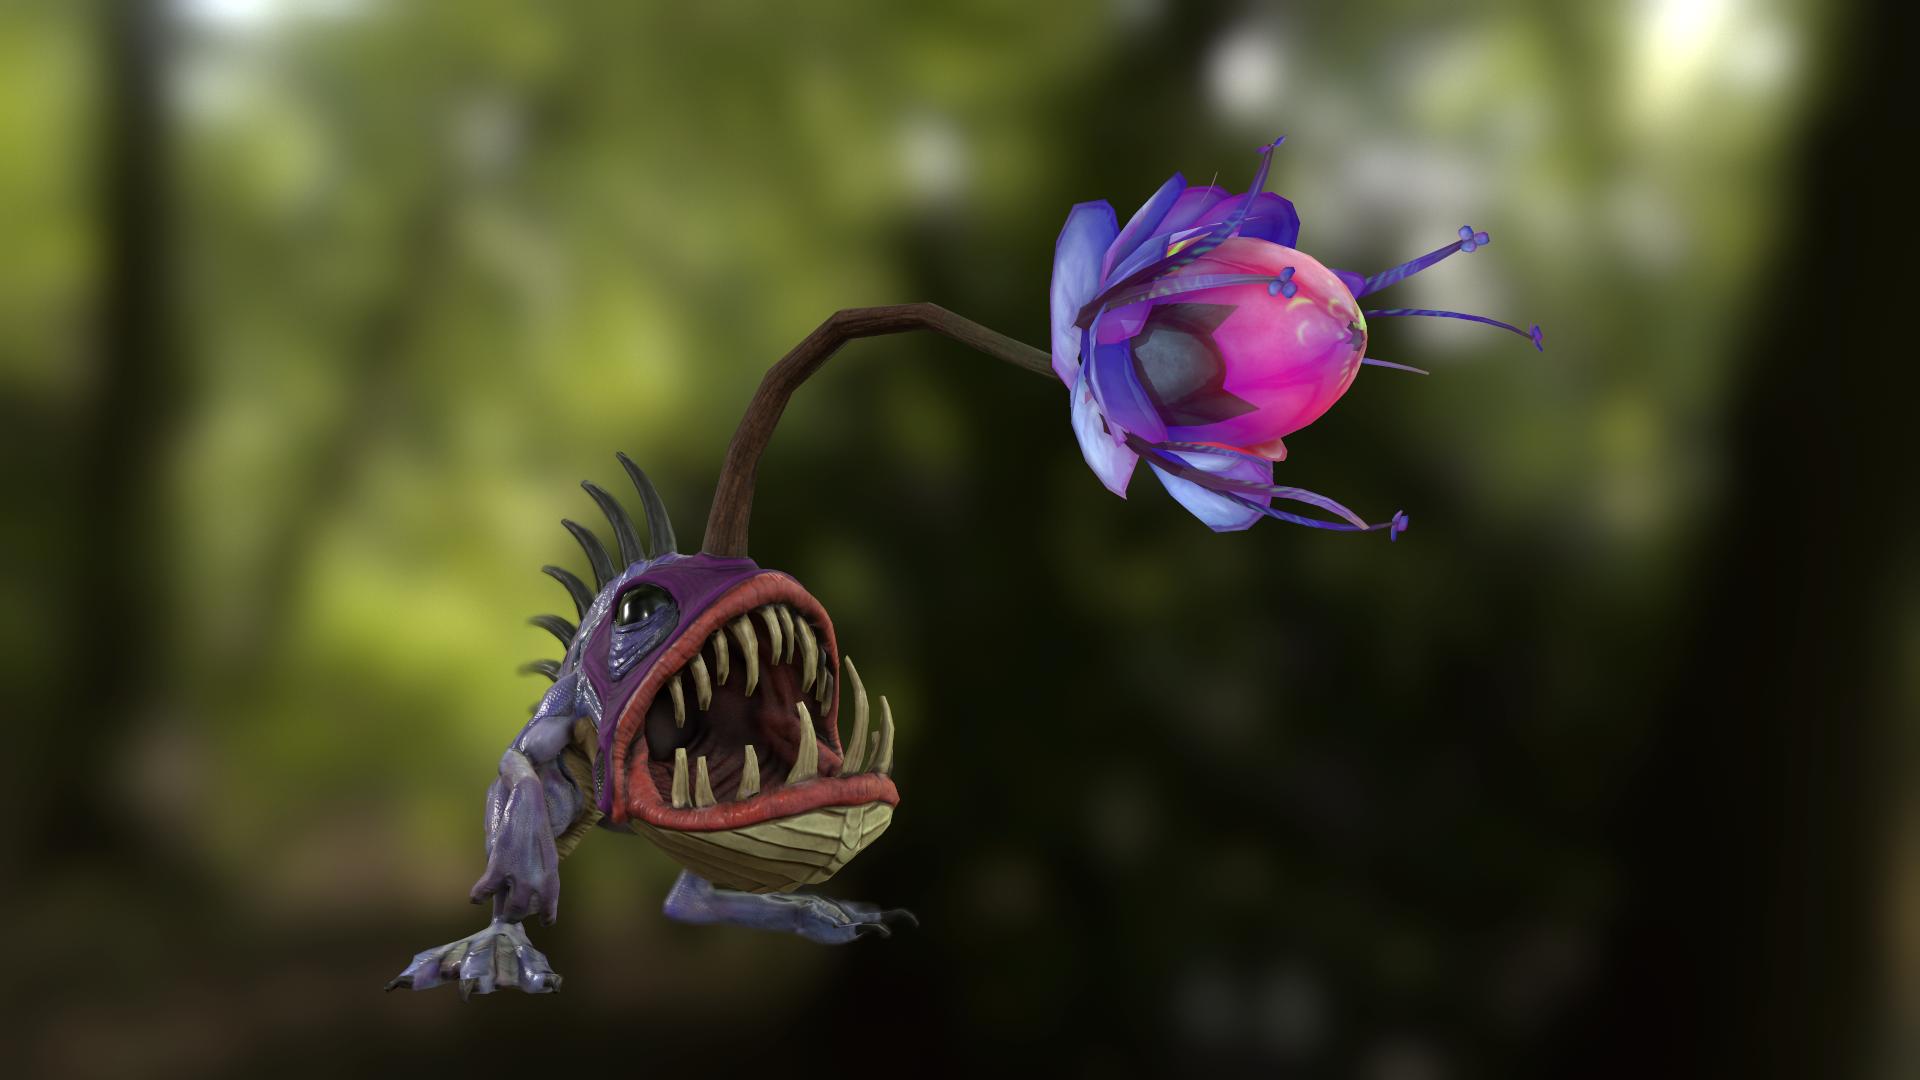 Flower_angler_%28Fangler%29.png